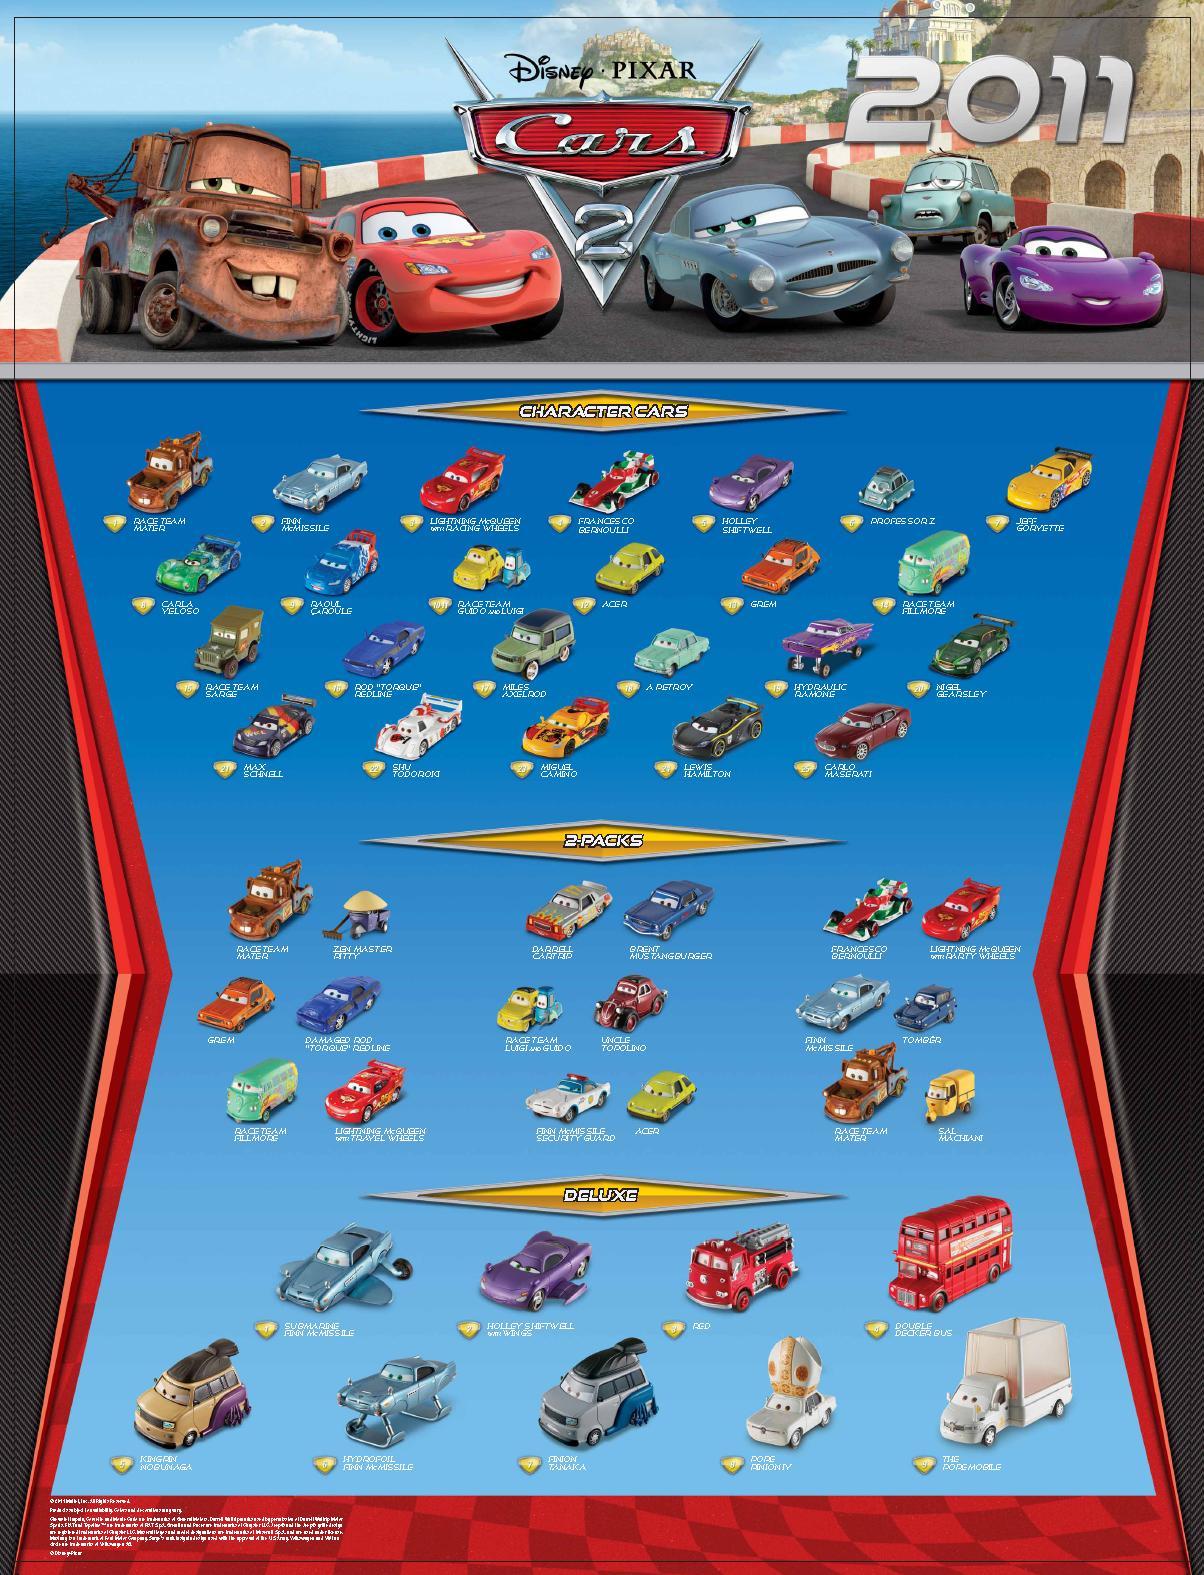 http://4.bp.blogspot.com/-Q-8uhmcq-08/TgI6-ka1_lI/AAAAAAAAAow/Gl277aeZqYA/s1600/Cars%2B2%2BPoster.jpg